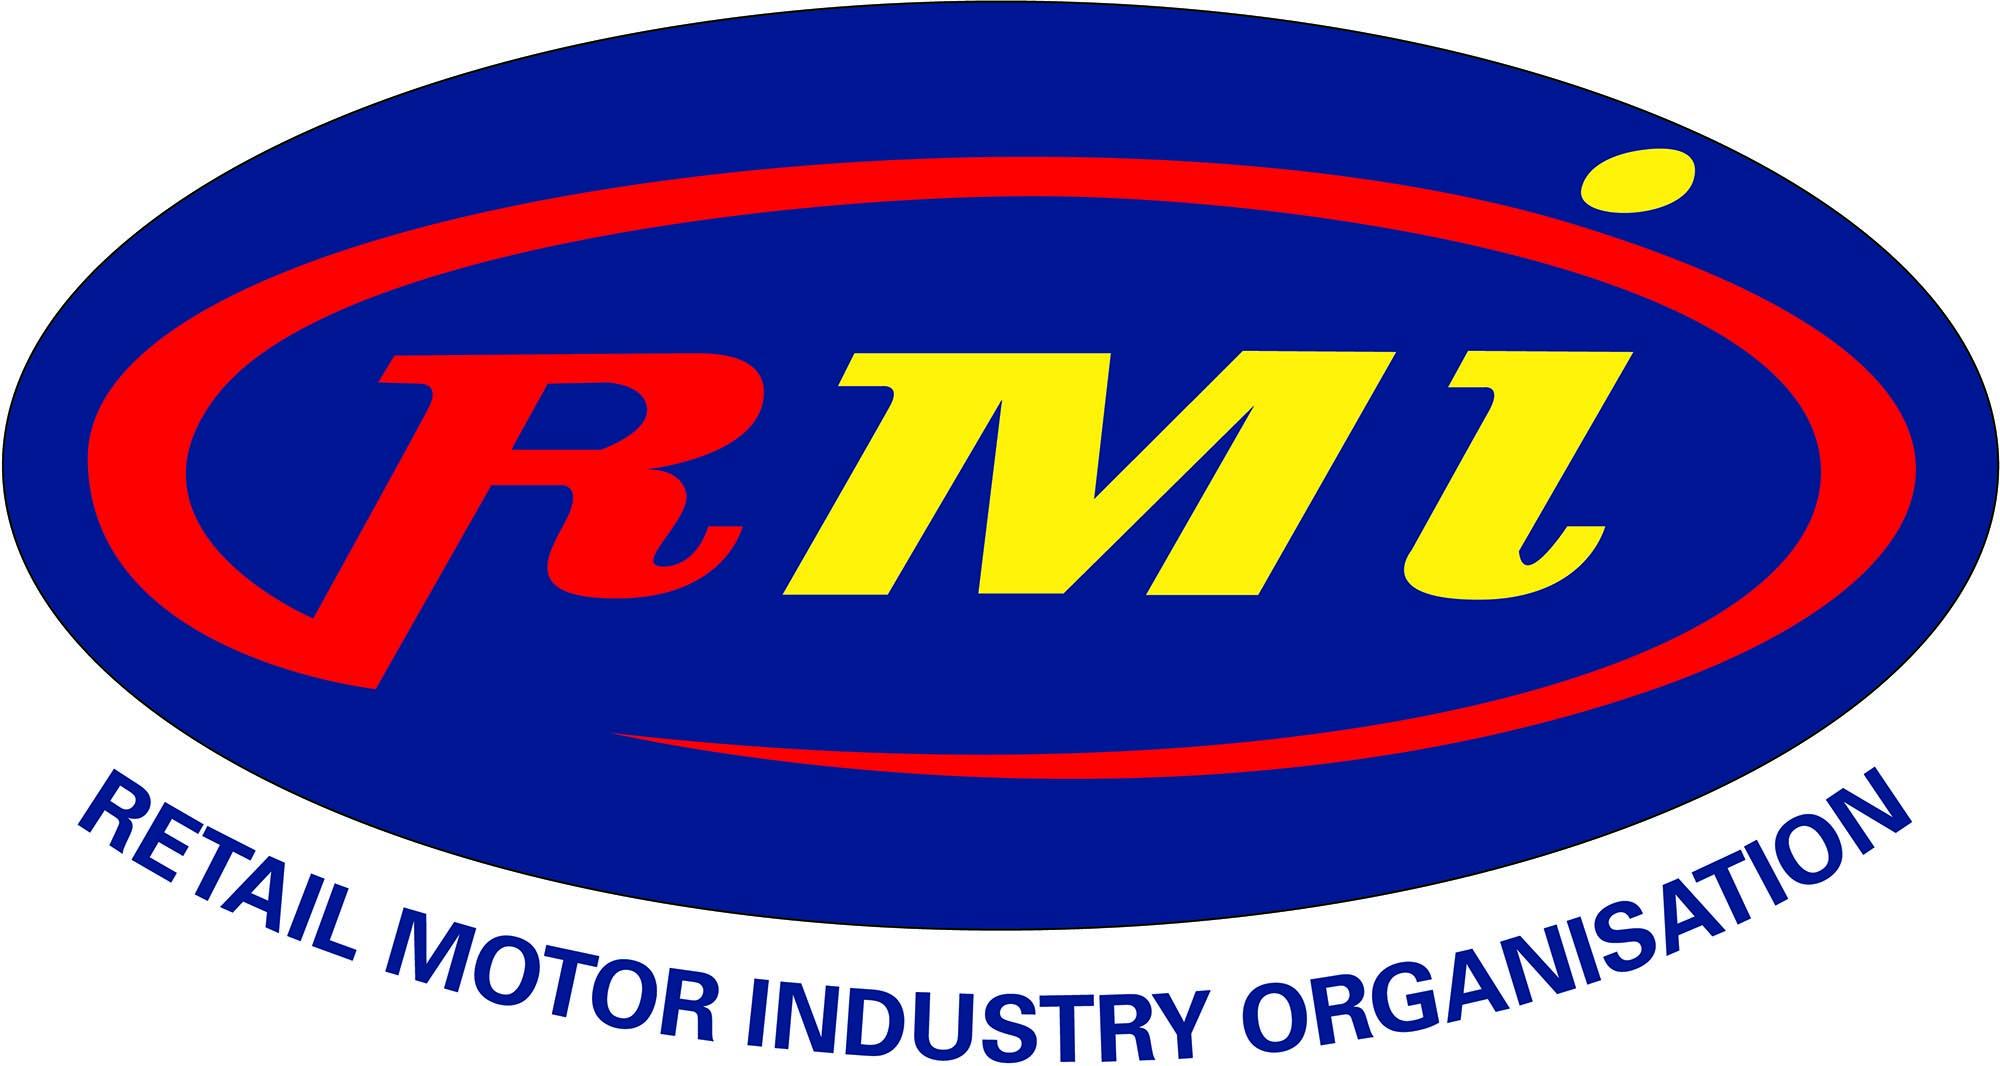 retail motor industry organisation rmi